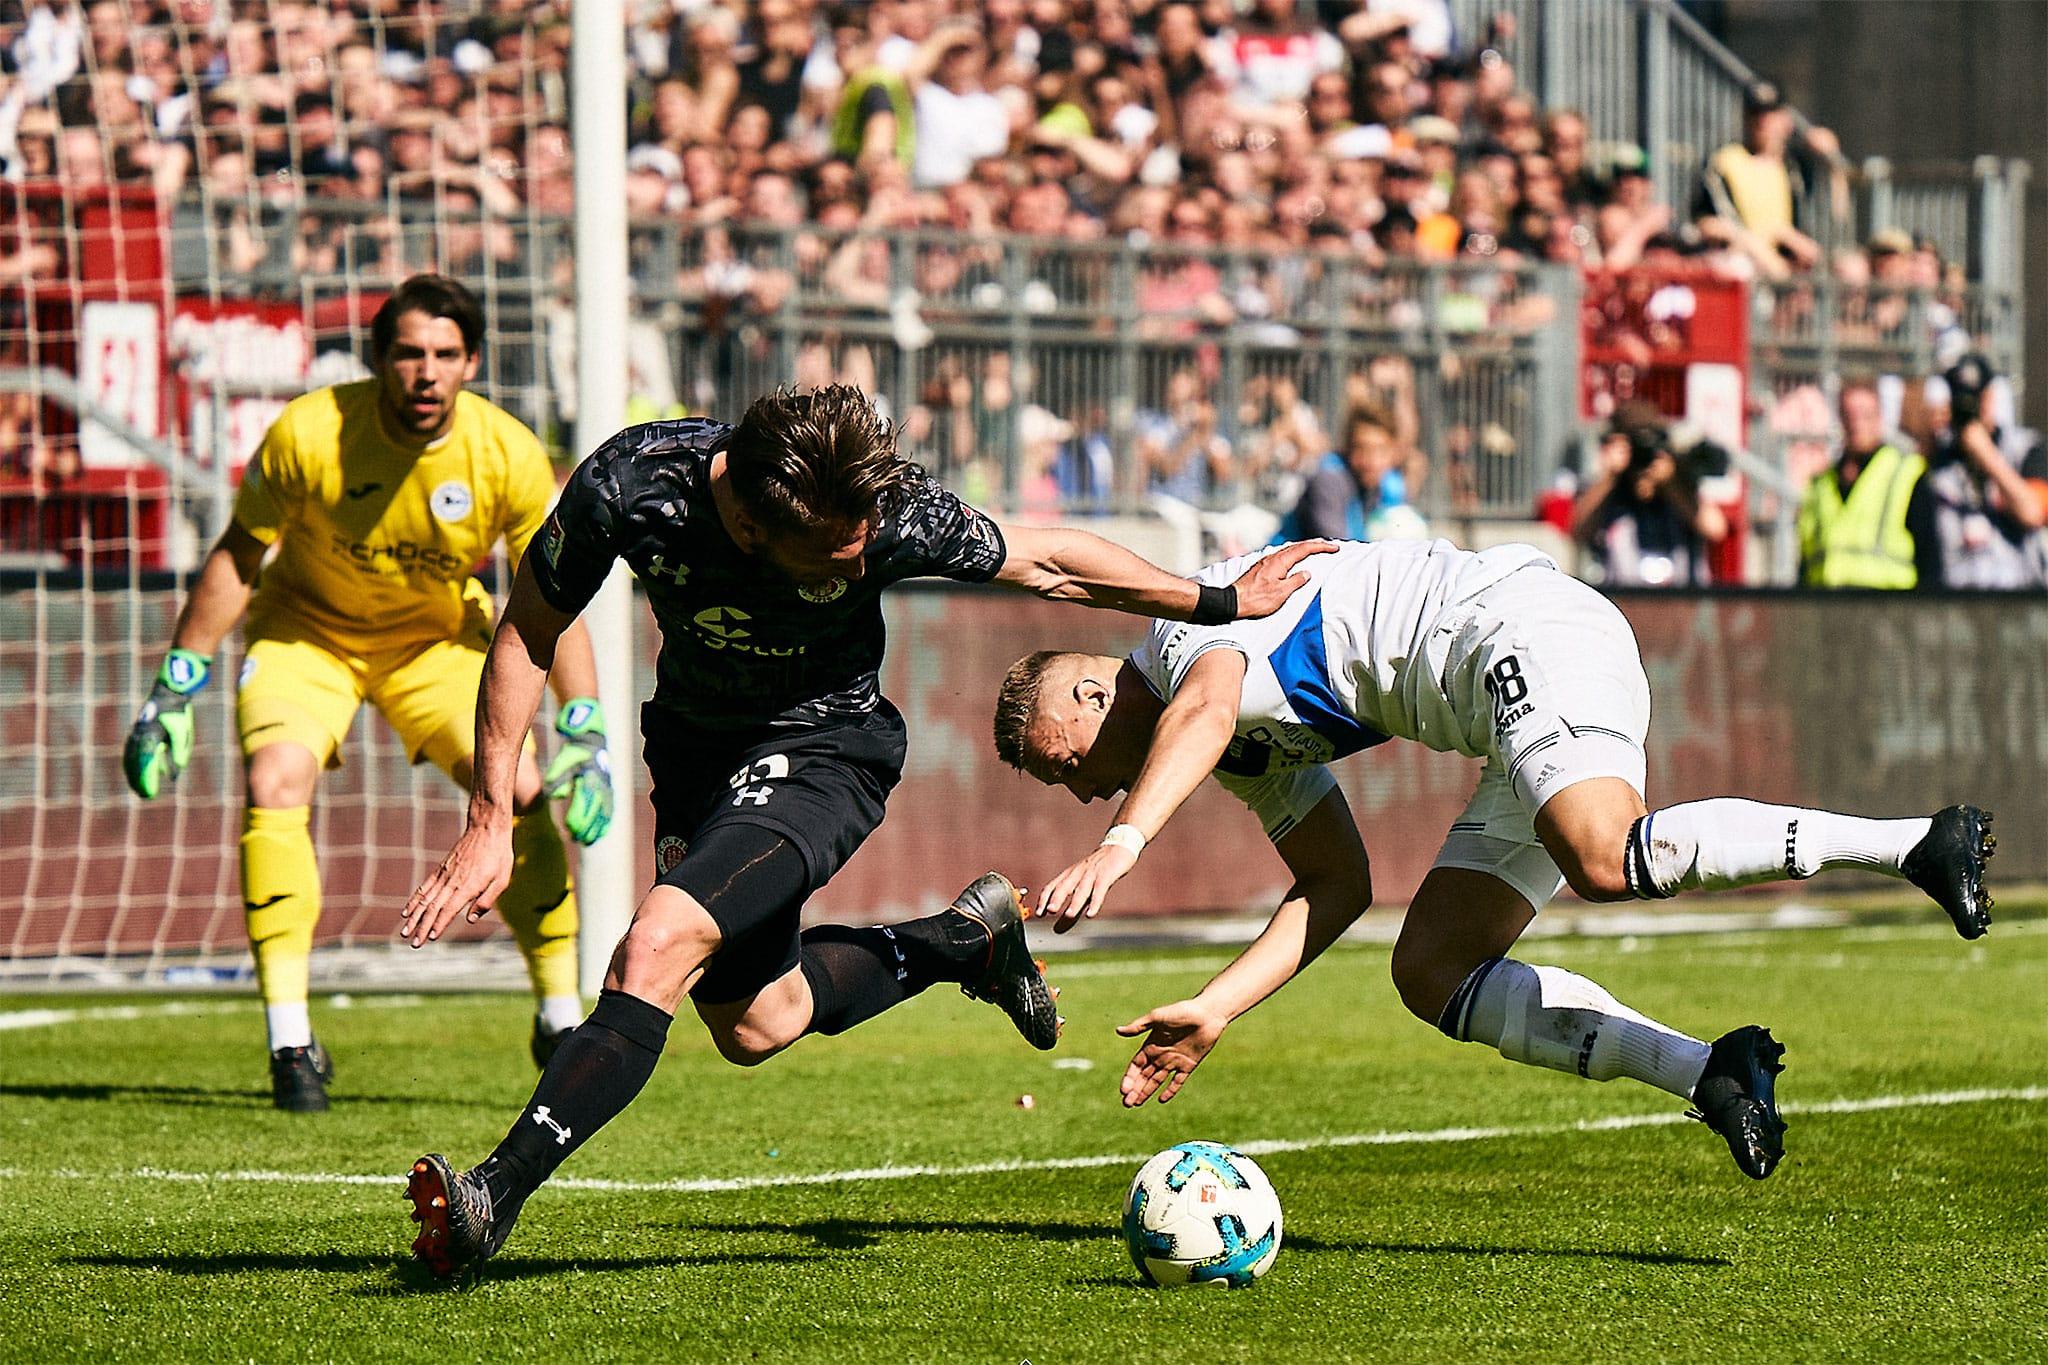 Vor dem Spiel – Arminia Bielefeld (A) – Spieltag 1 – Saison 2019/20